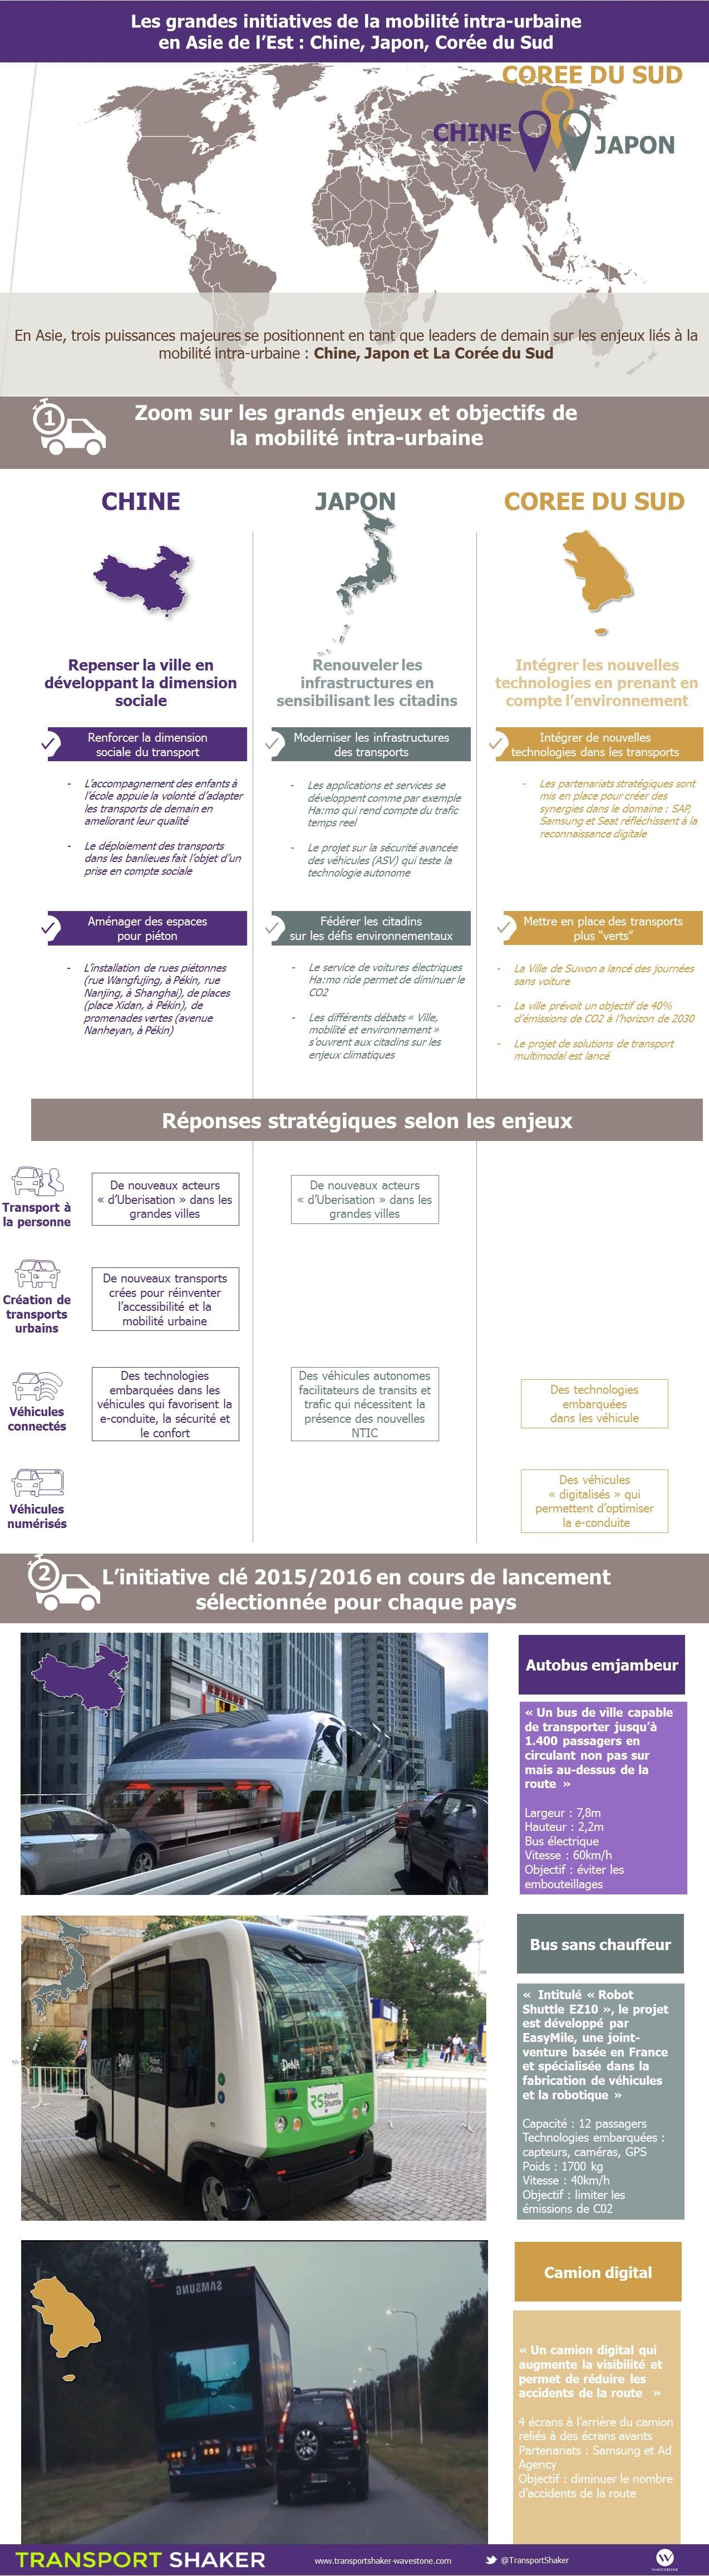 Info Marie Laure V1